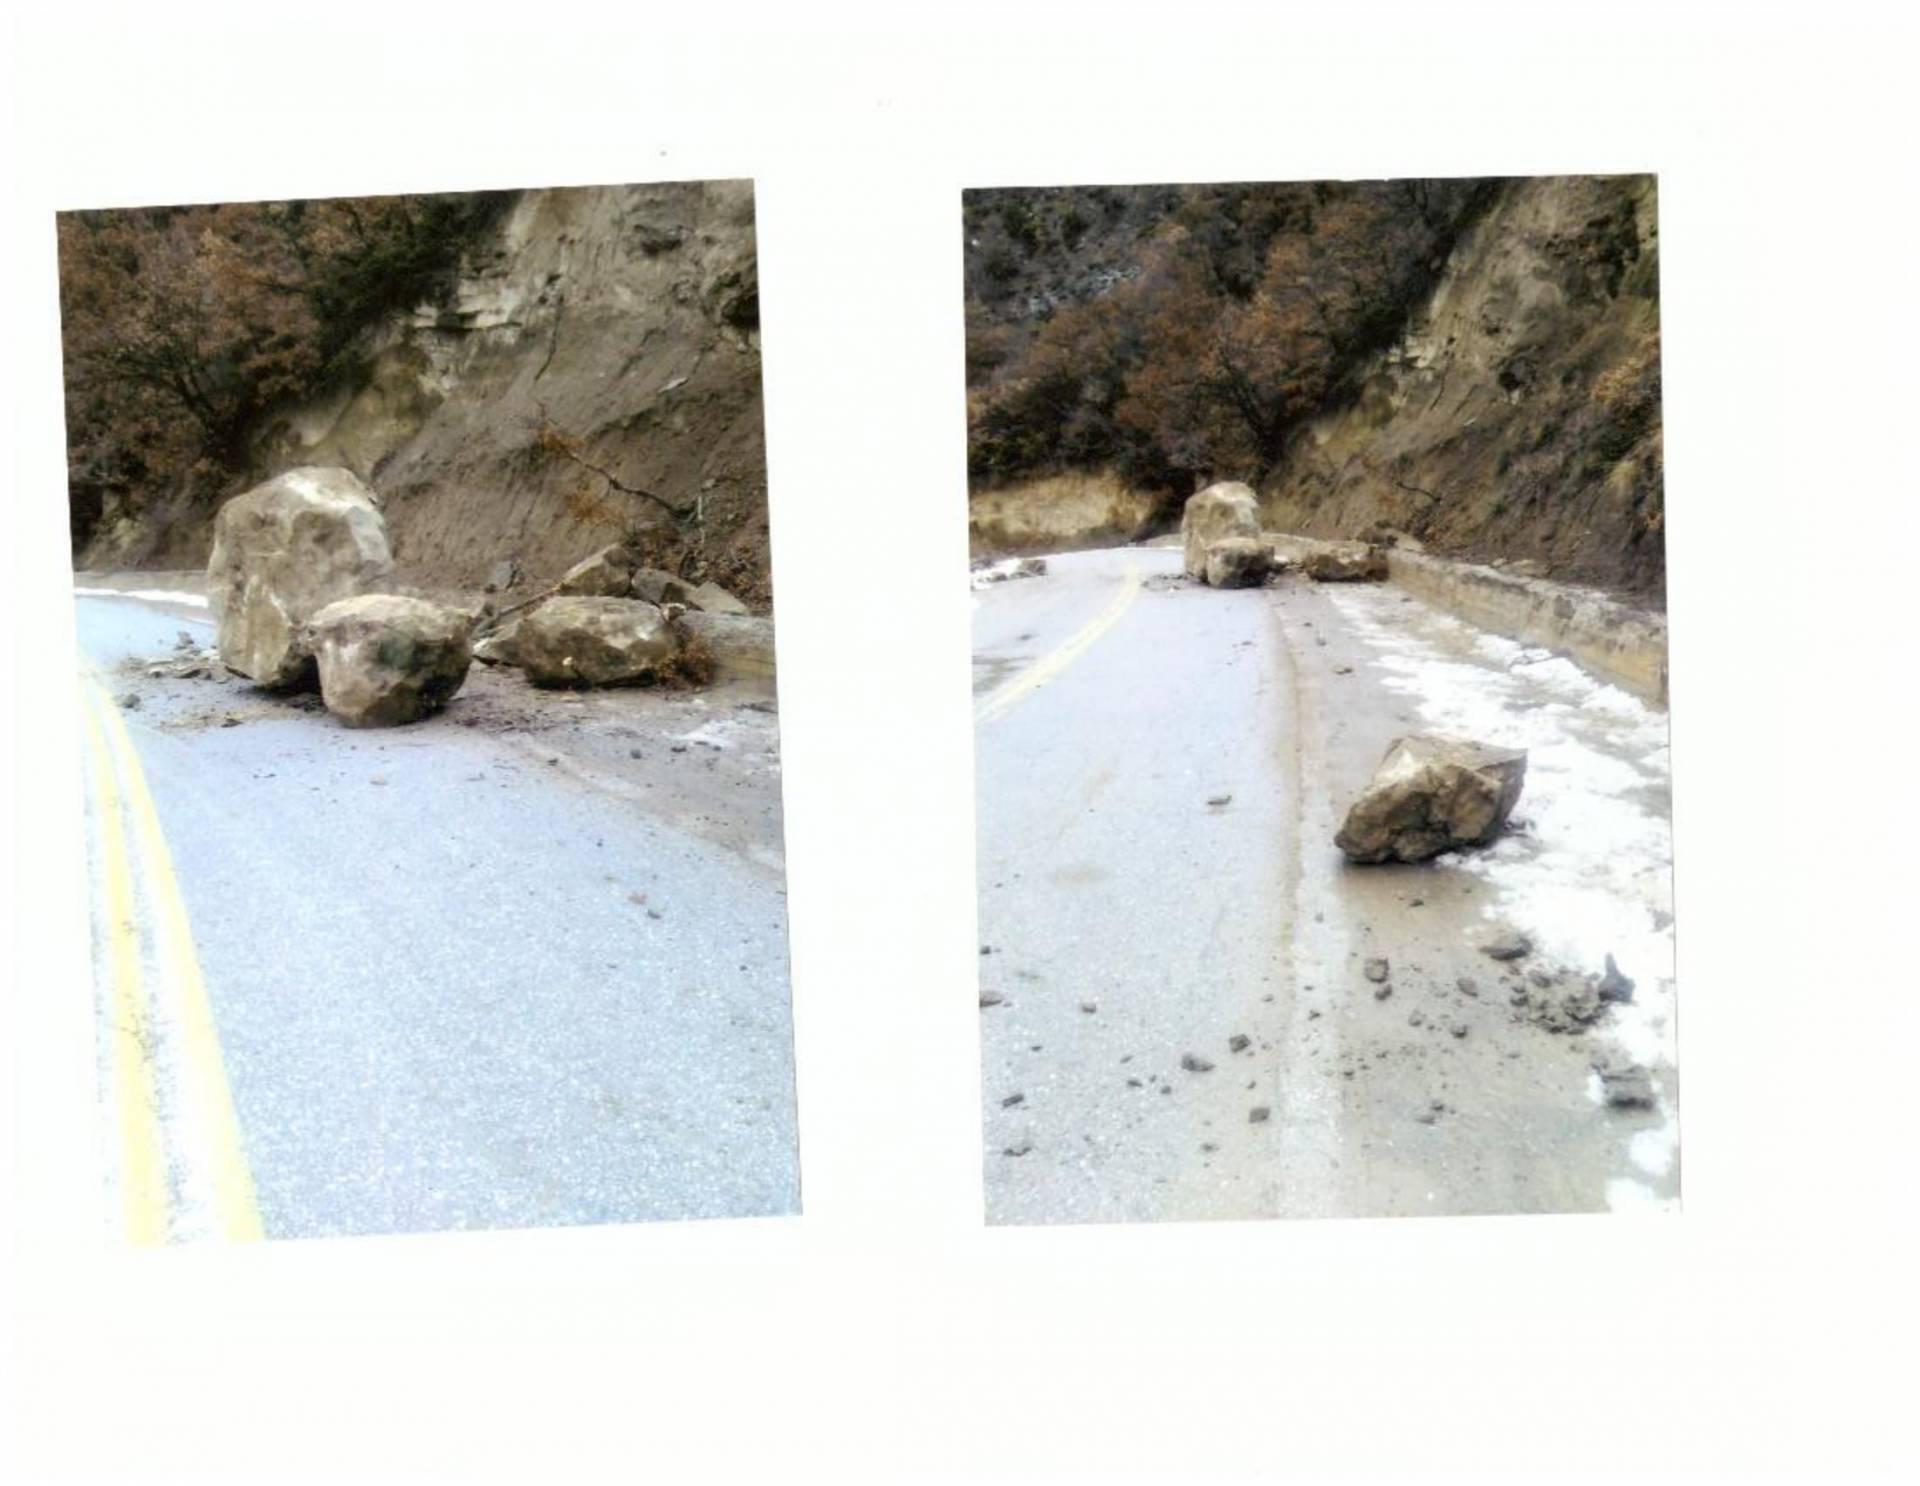 Σπήλαιο: Εάν προκληθεί ατύχημα από την πτώση βράχων ποιος θα ευθύνεται;